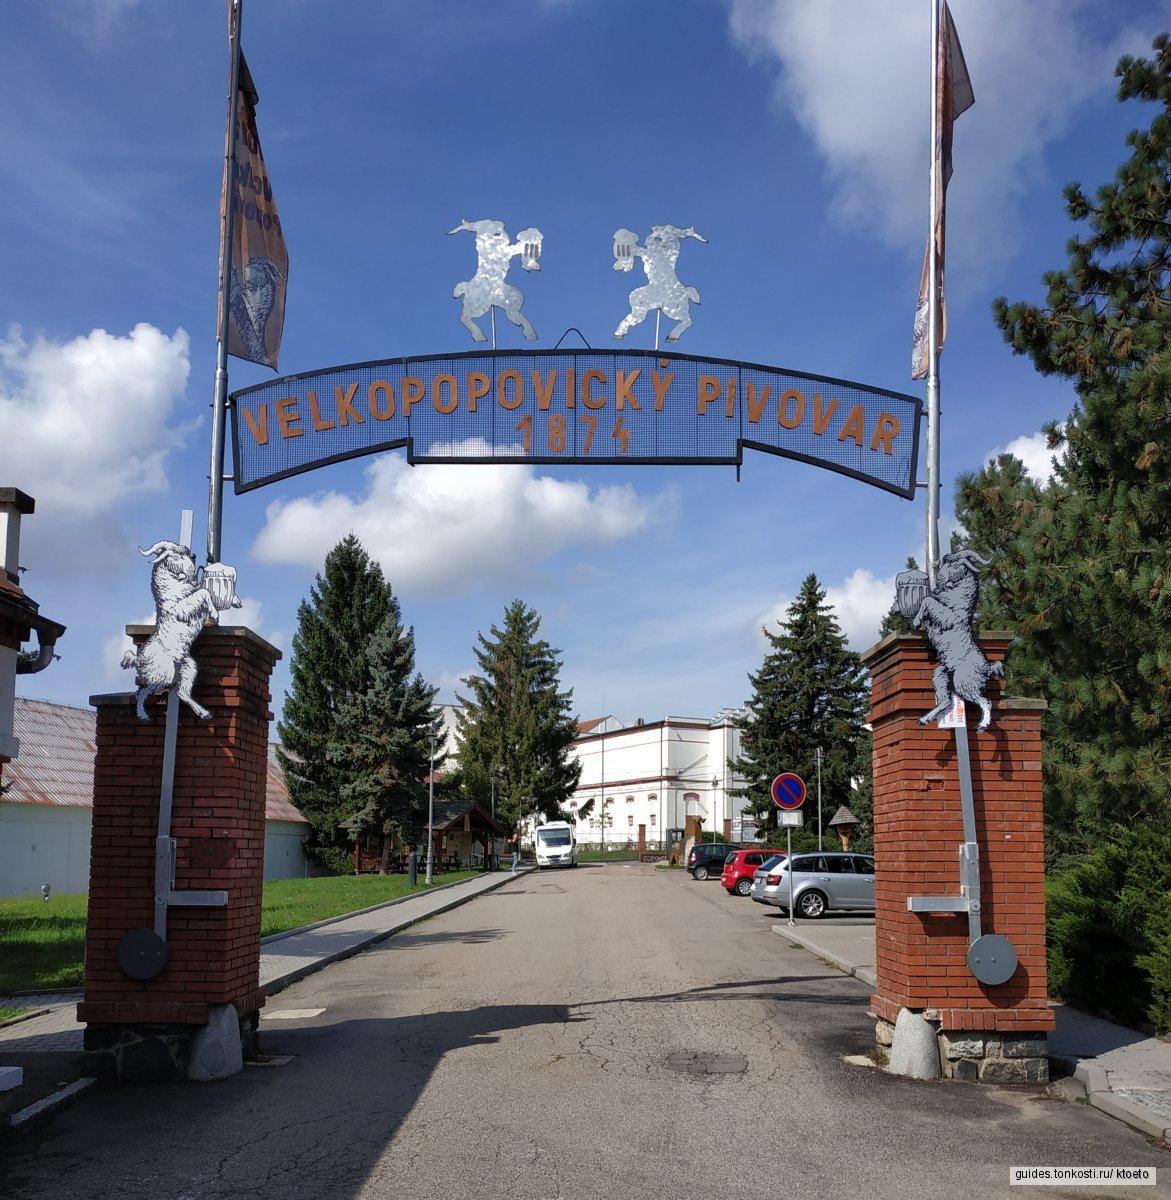 Замок Конопиште и пивоварня Велкопоповицкий Козел